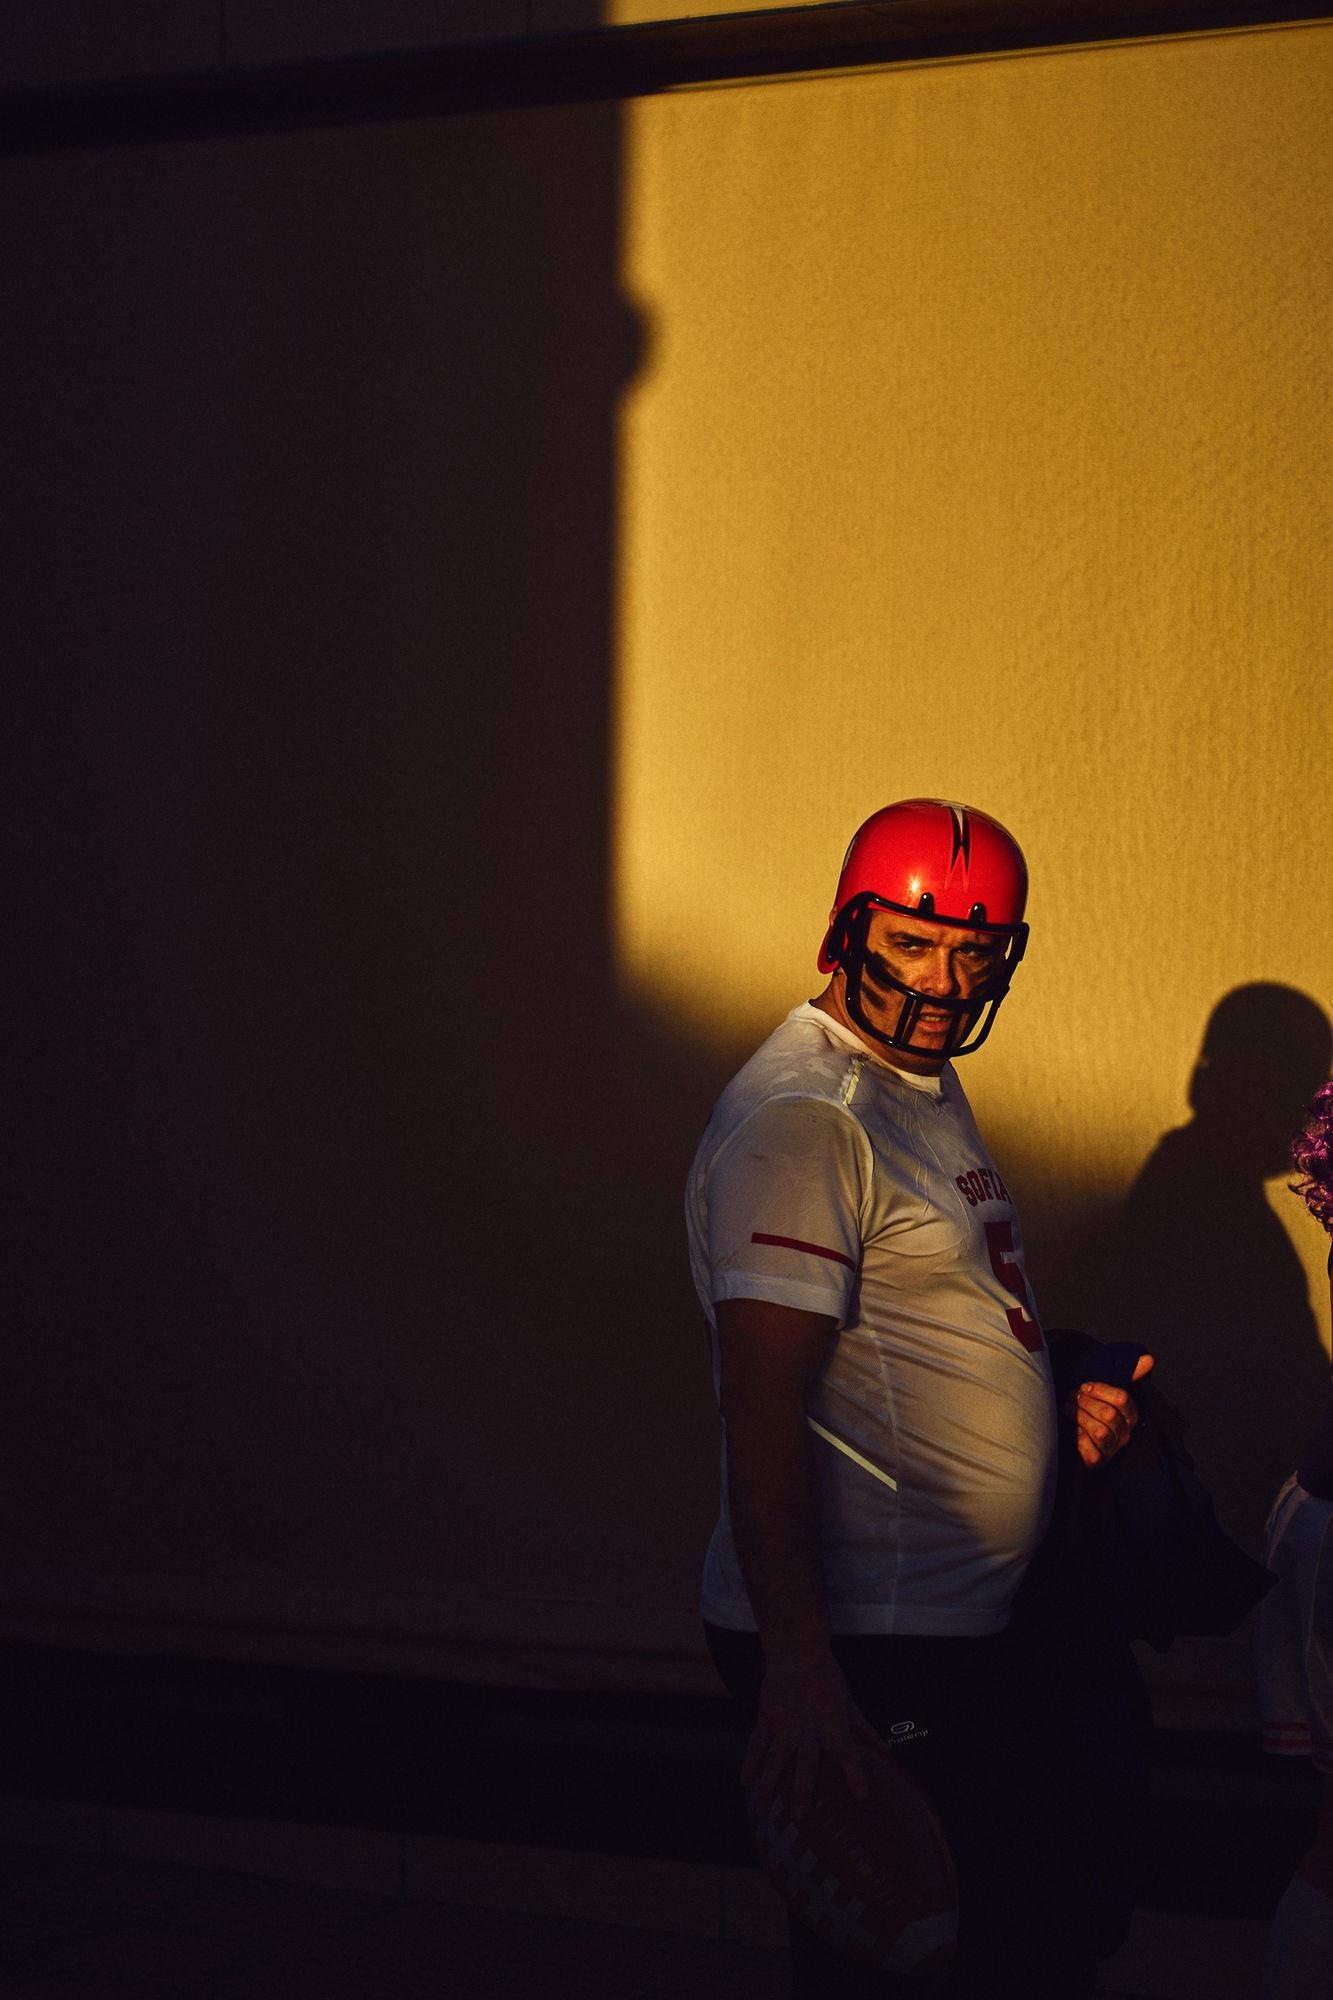 EMEIS DEUBEL: Lars Borges Personal Work in Lanzarote